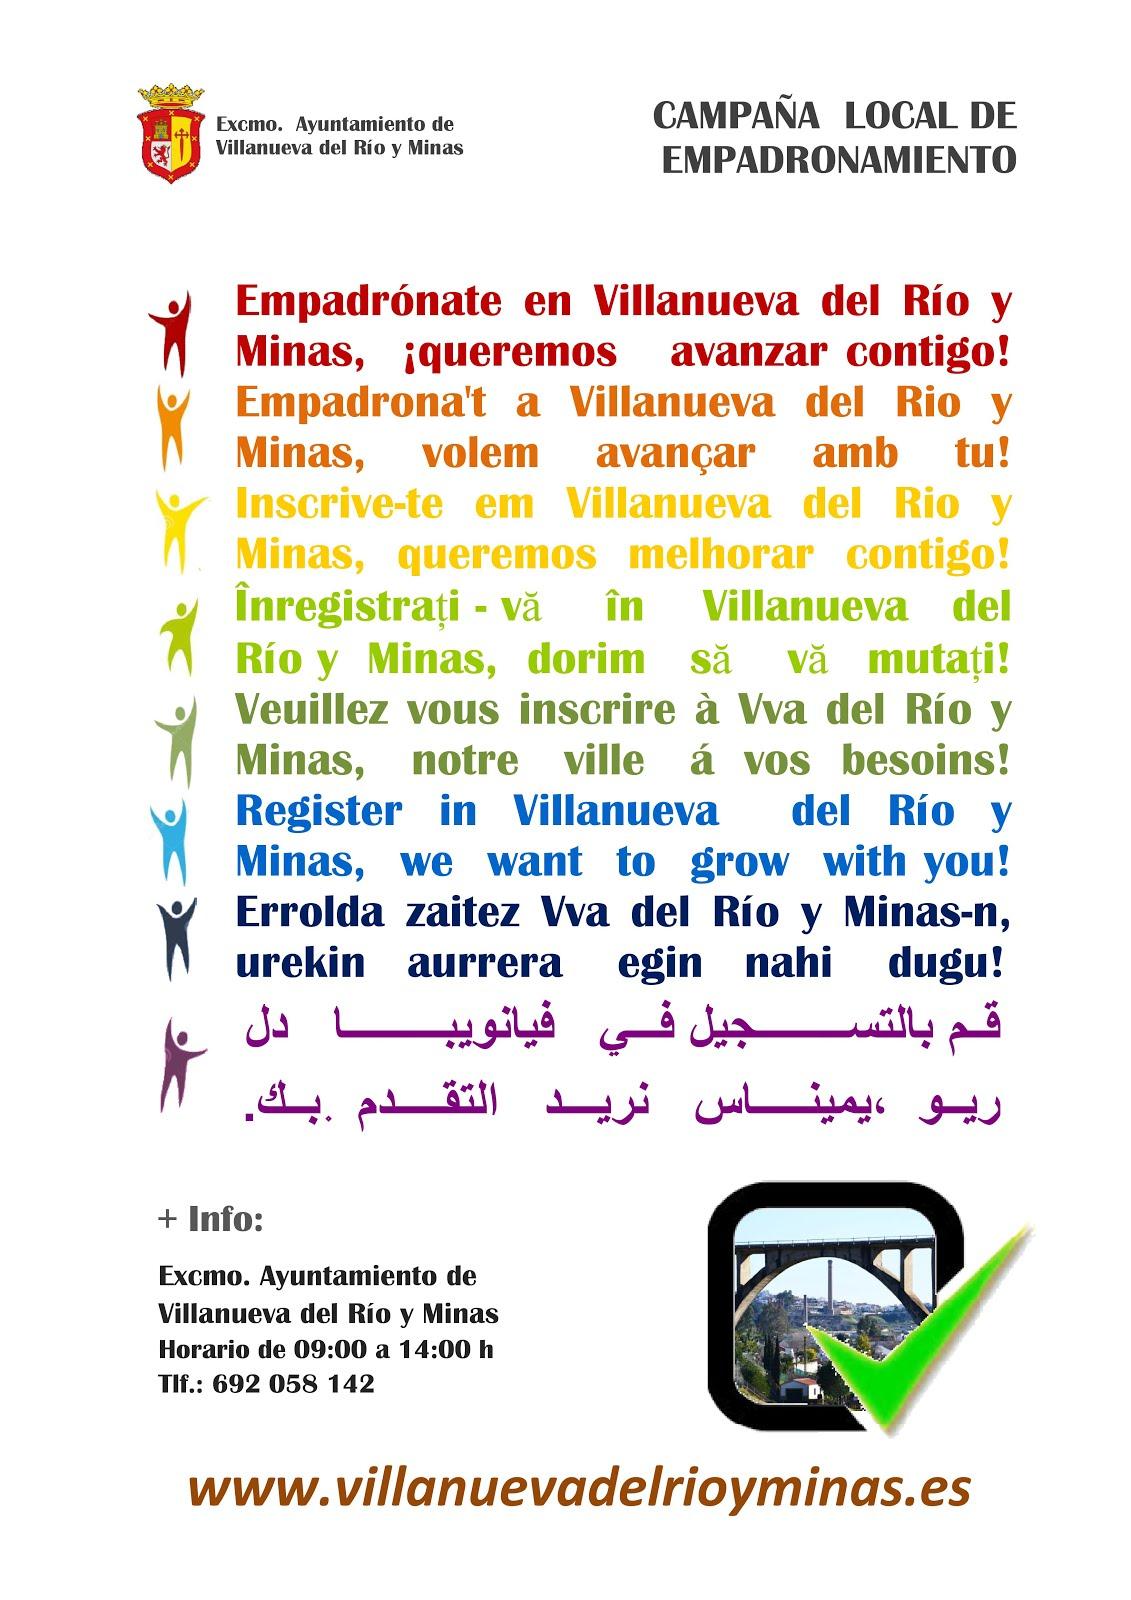 EMPADRÓNATE EN VILLANUEVA DEL RÍO Y MINAS, ¡QUEREMOS AVANZAR CONTIGO!